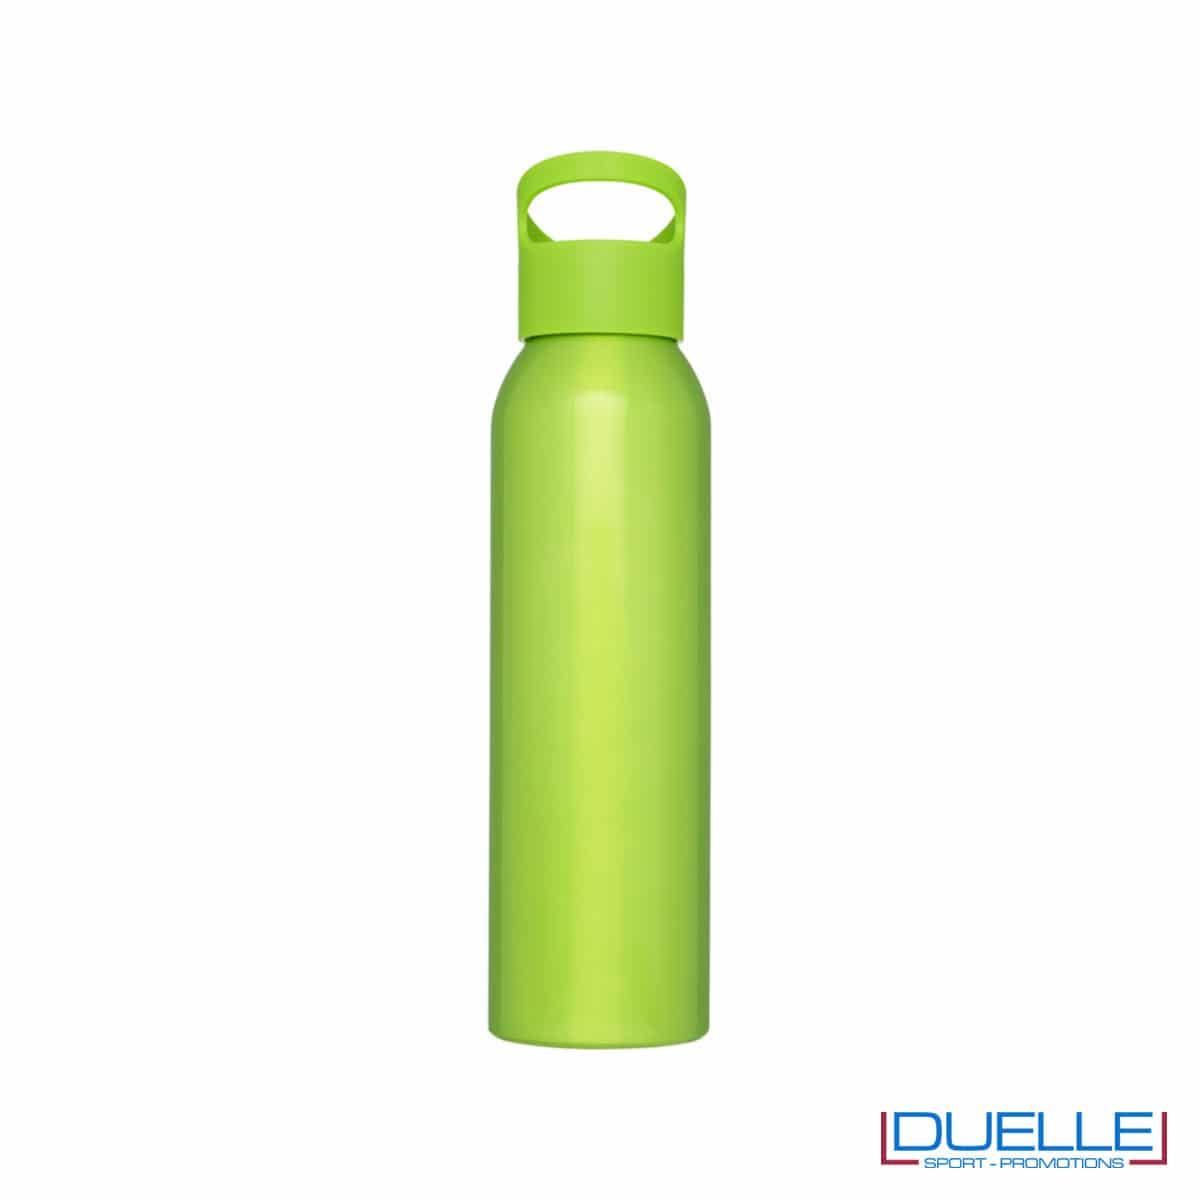 Borraccia alluminio colore verde lime con tappo in plastica